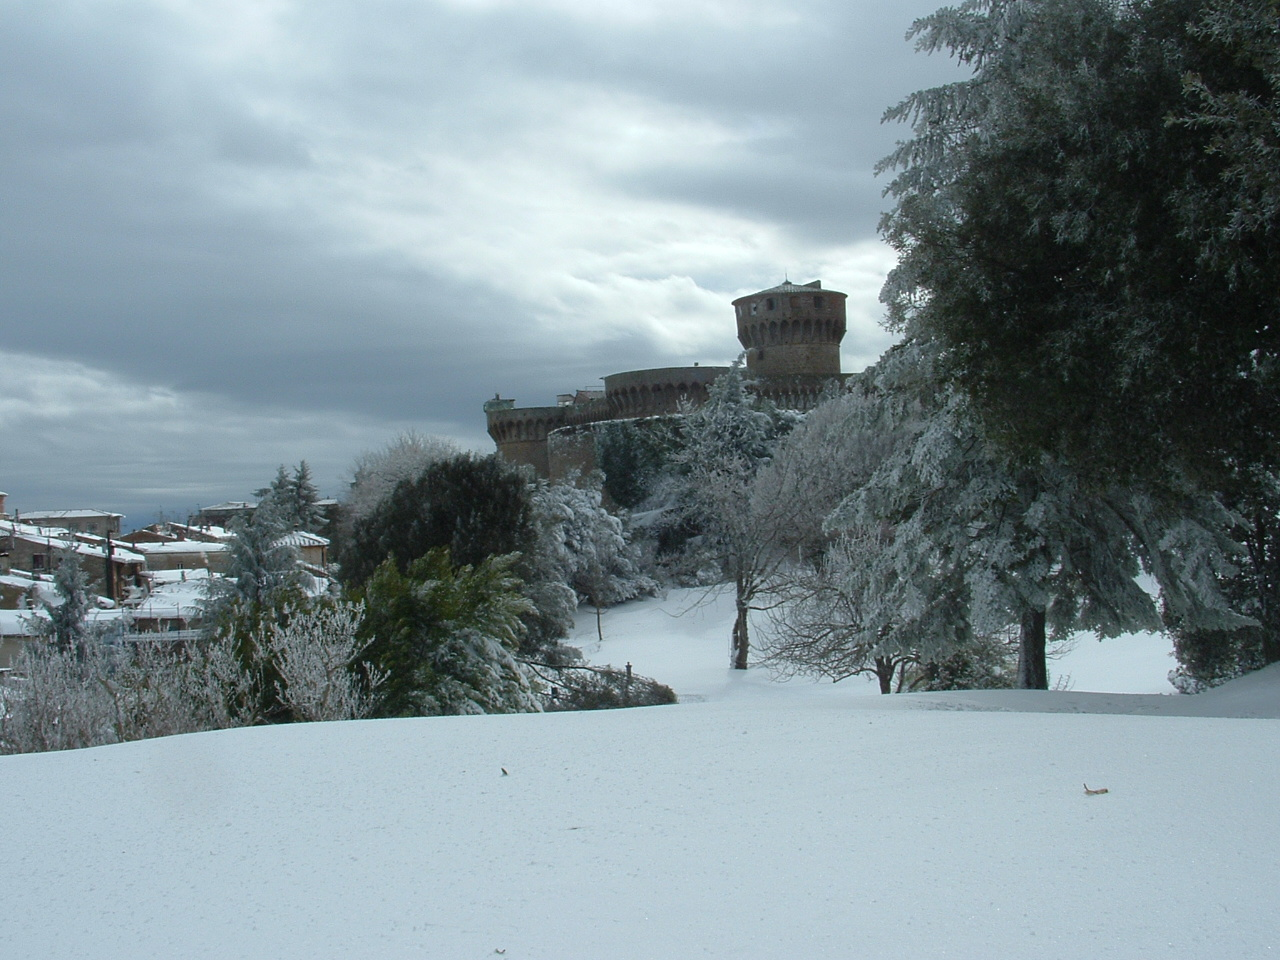 Volterra fotoreportage neve 9/10 marzo 2010..l'apoteosi nevosa!!-foto-mattina-volterra-10-marzo-2010-2-6-.jpg